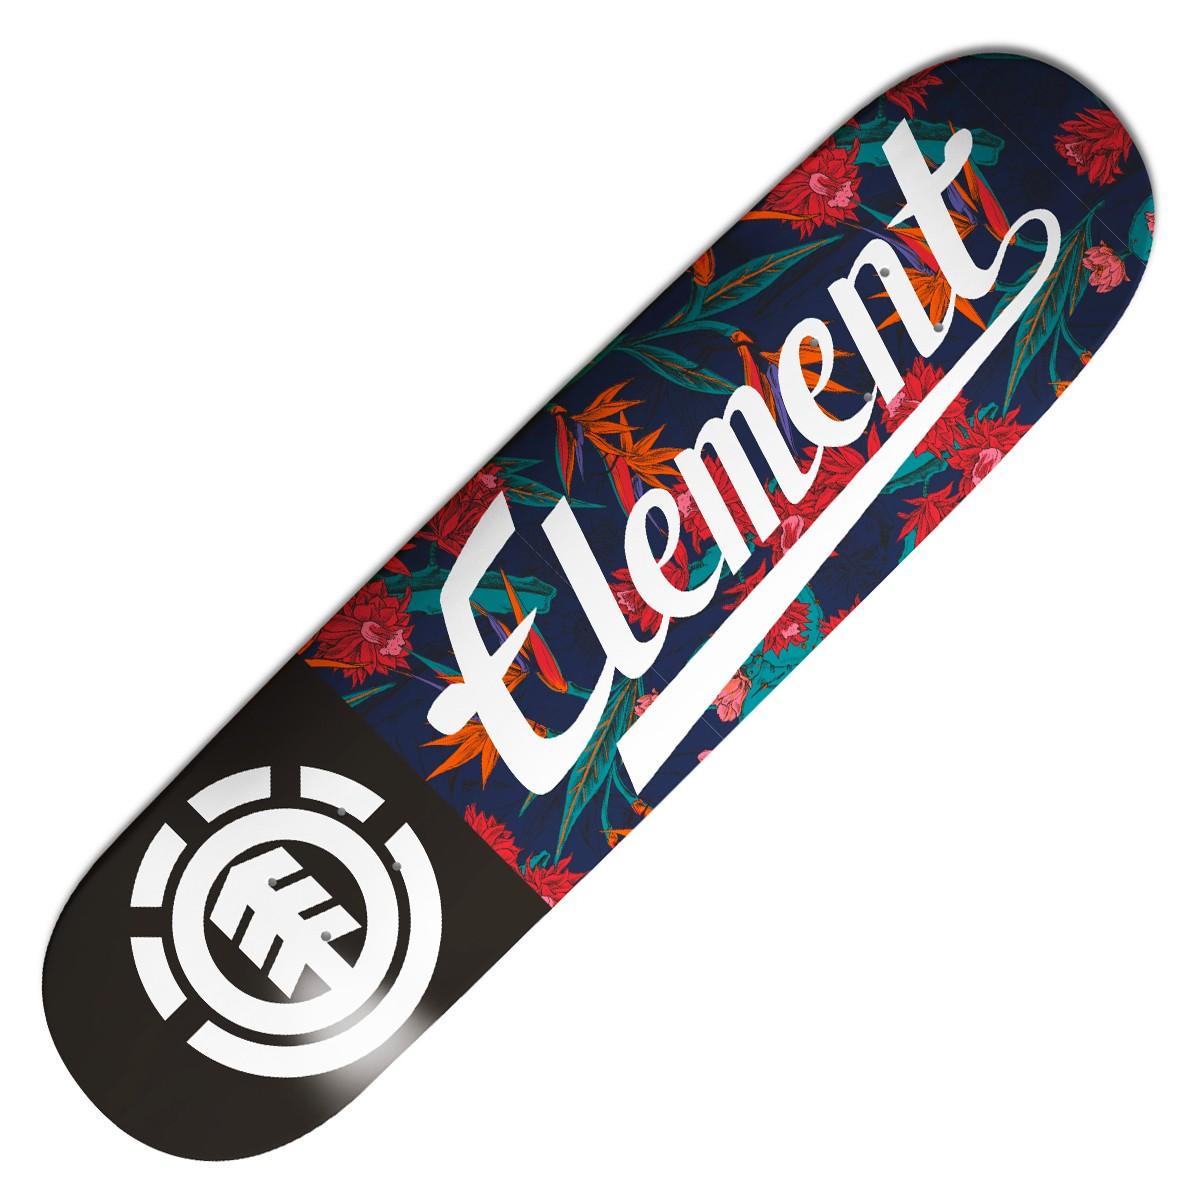 element the sketch floral collection spring 2015 play skateshop. Black Bedroom Furniture Sets. Home Design Ideas